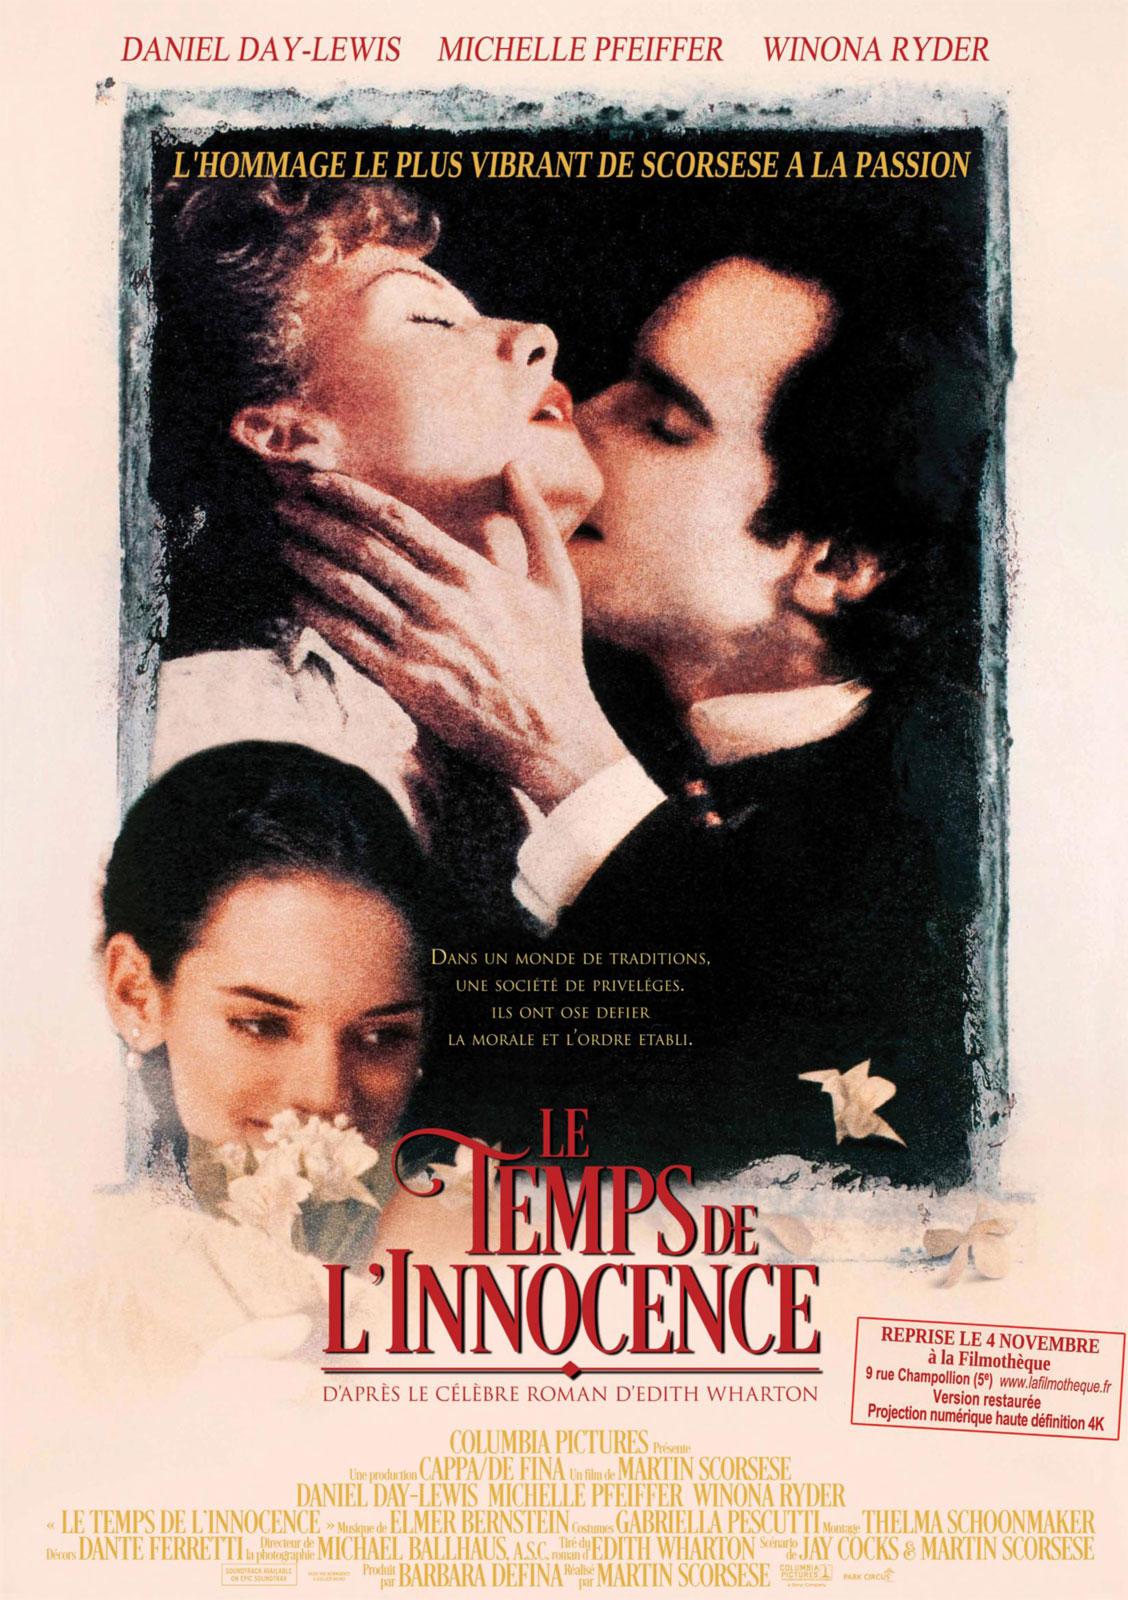 Le Temps de l'innocence de Martin Scorsese